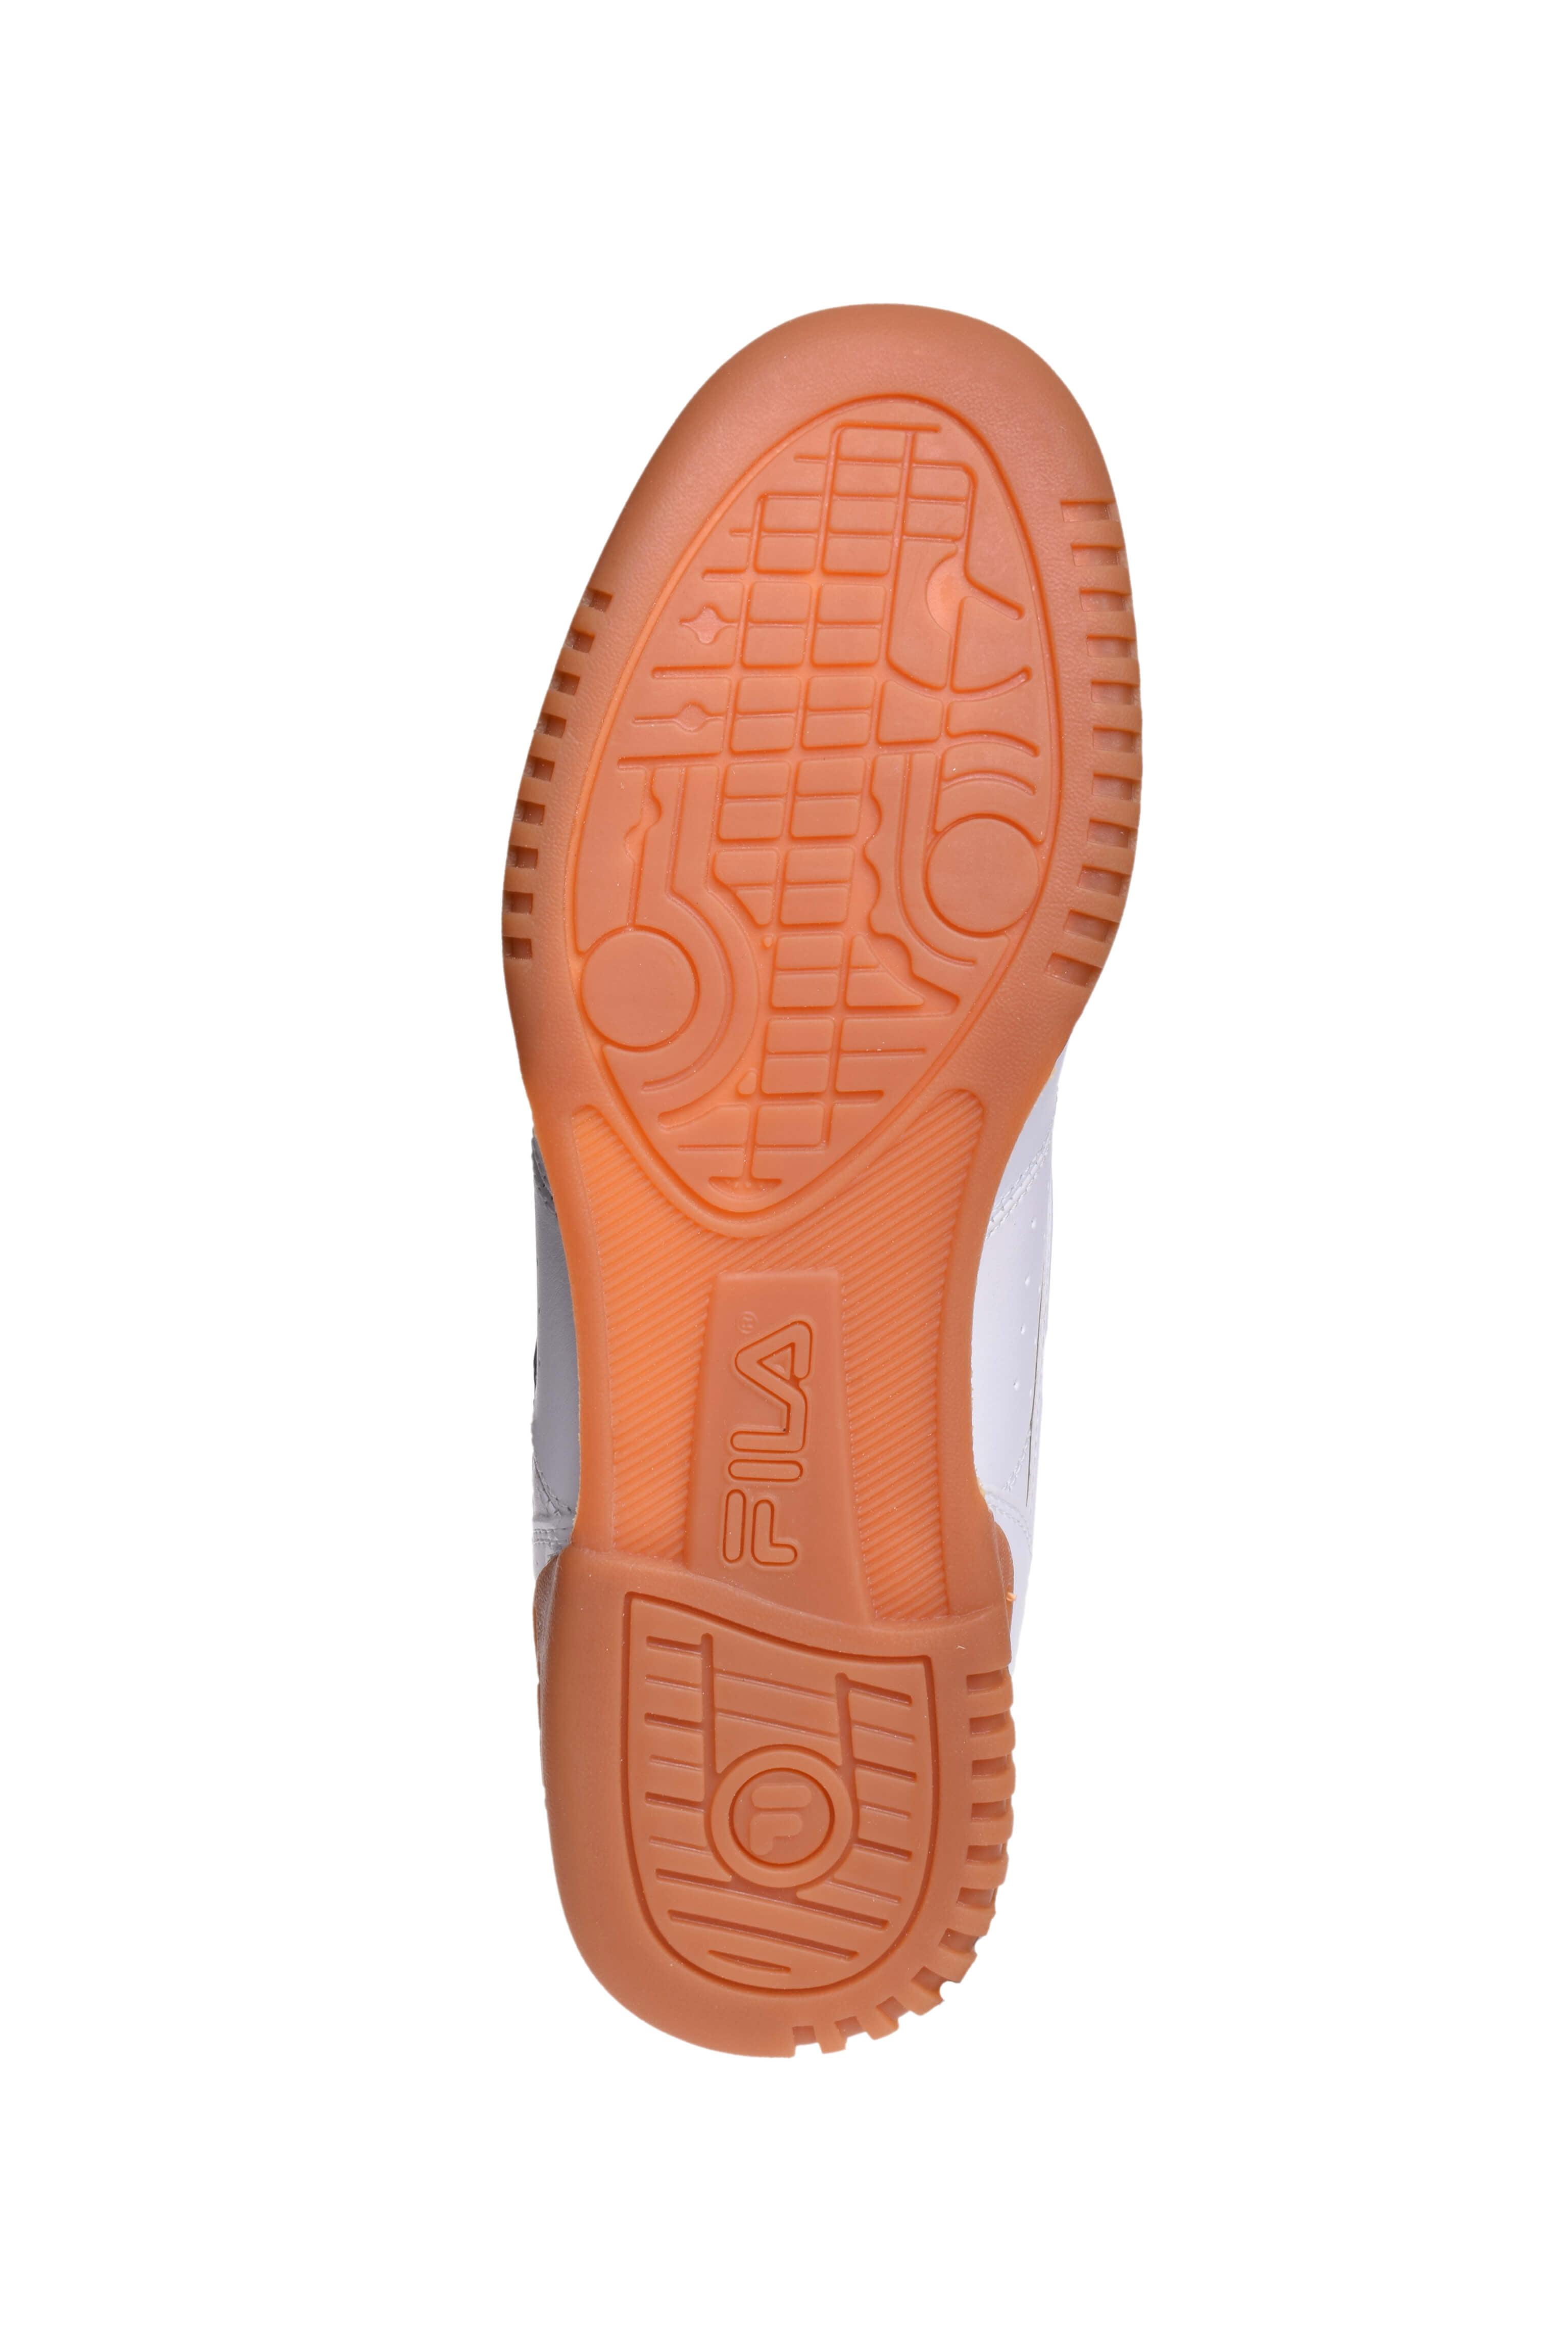 FILA Mens F-13 Logo Hi-Top Sneaker